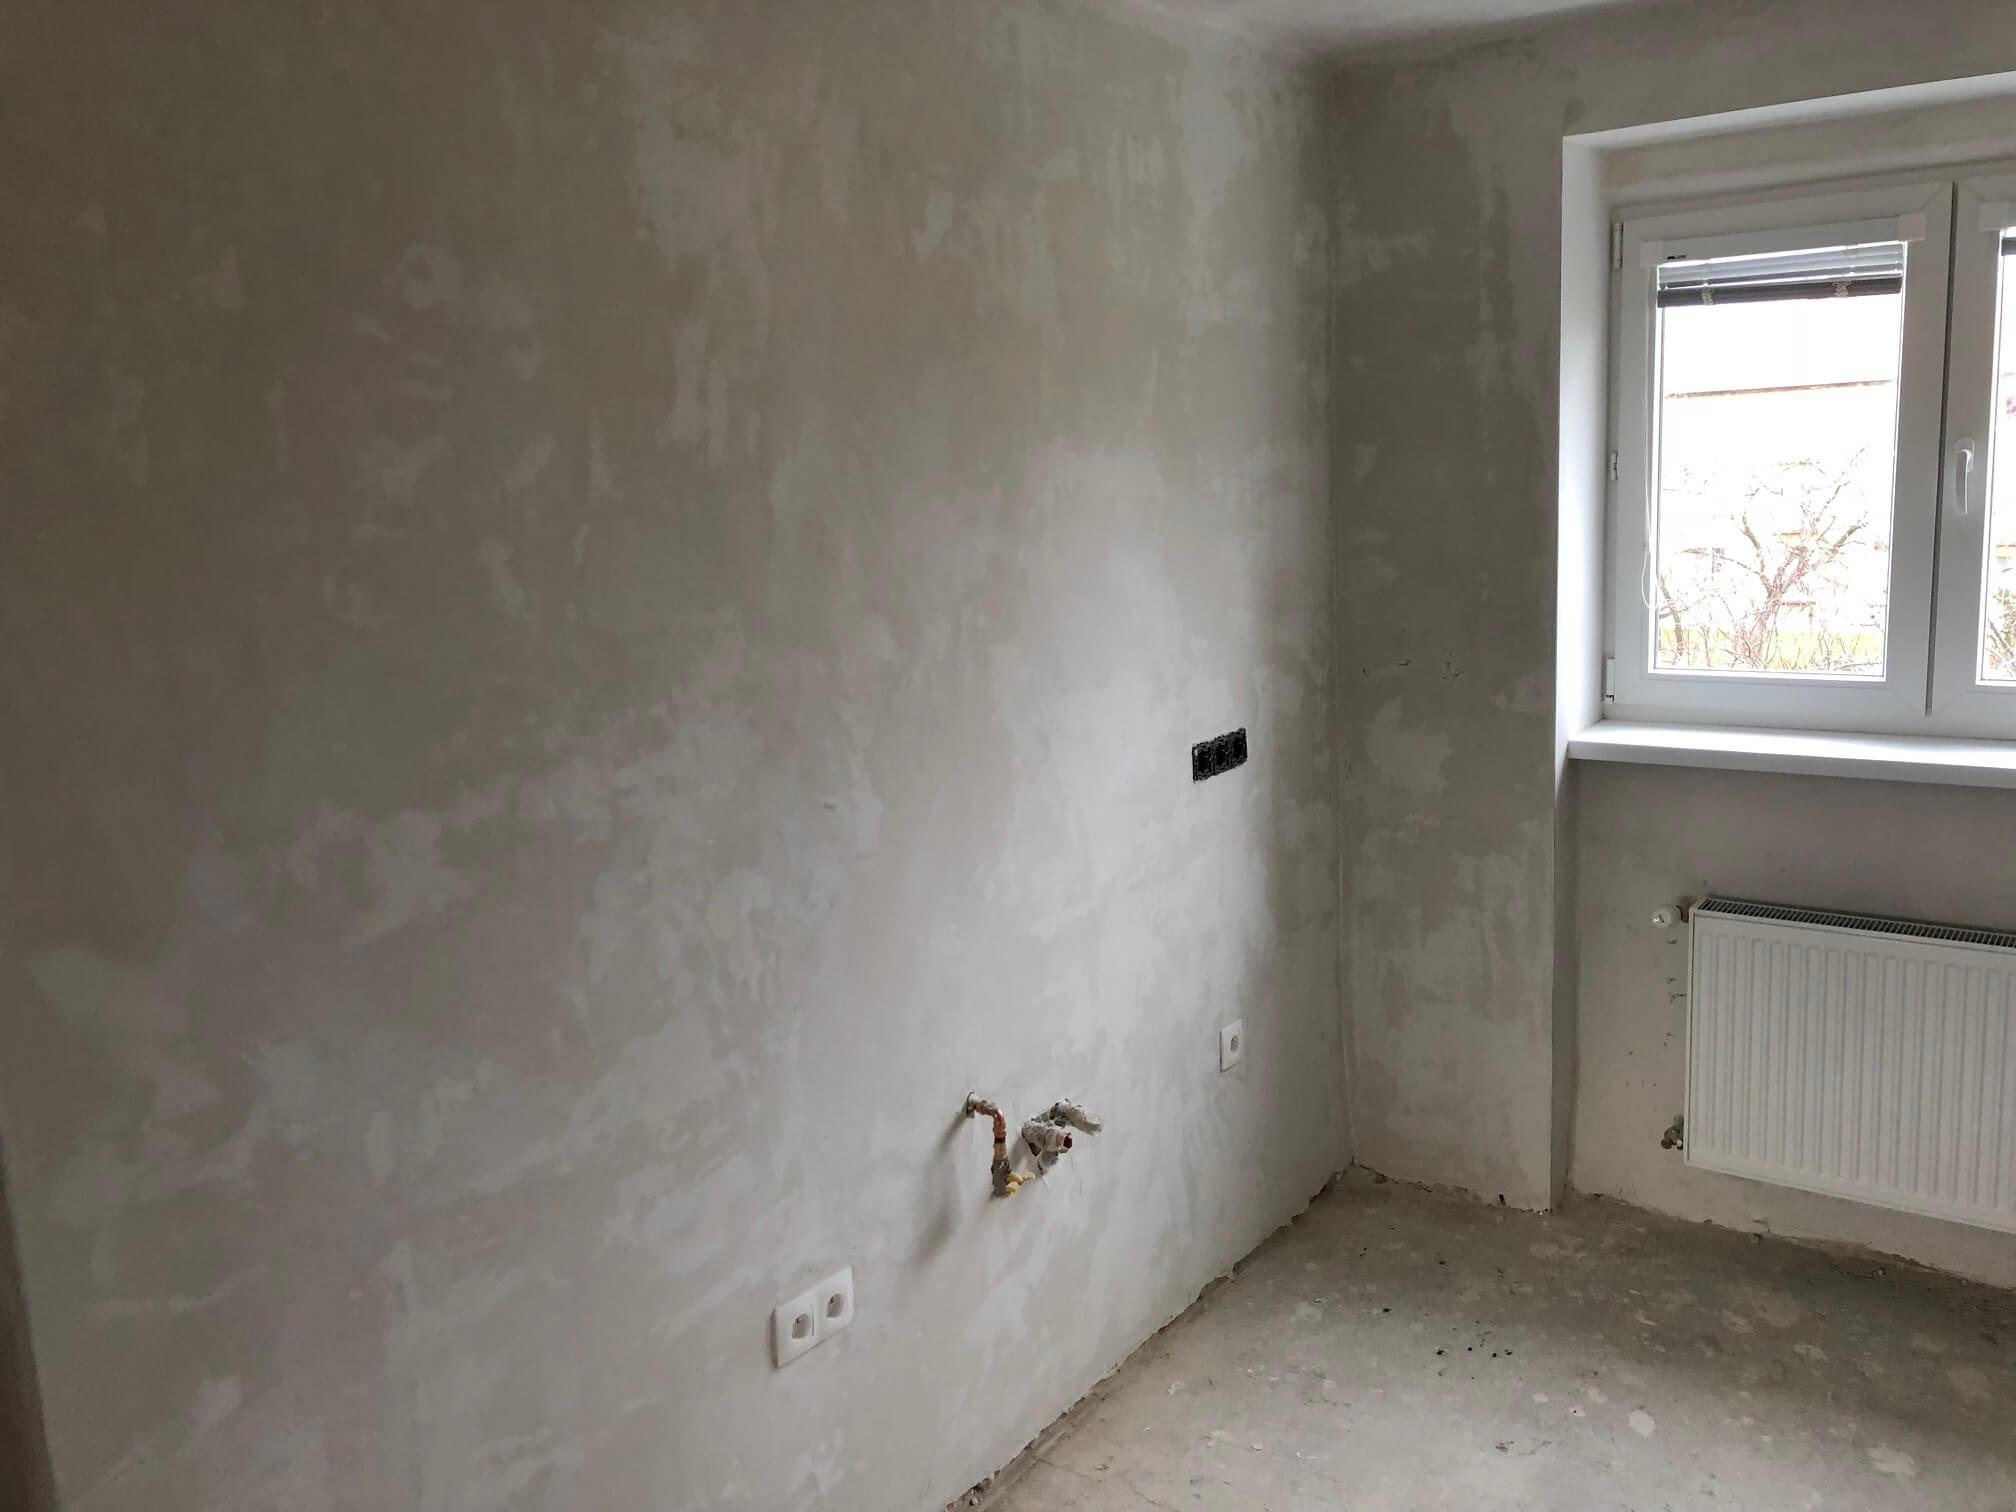 Predané – Predaj 2 izb. bytu, 53m2, Hubeného v Rači, kompletne zrekonštruovany-3